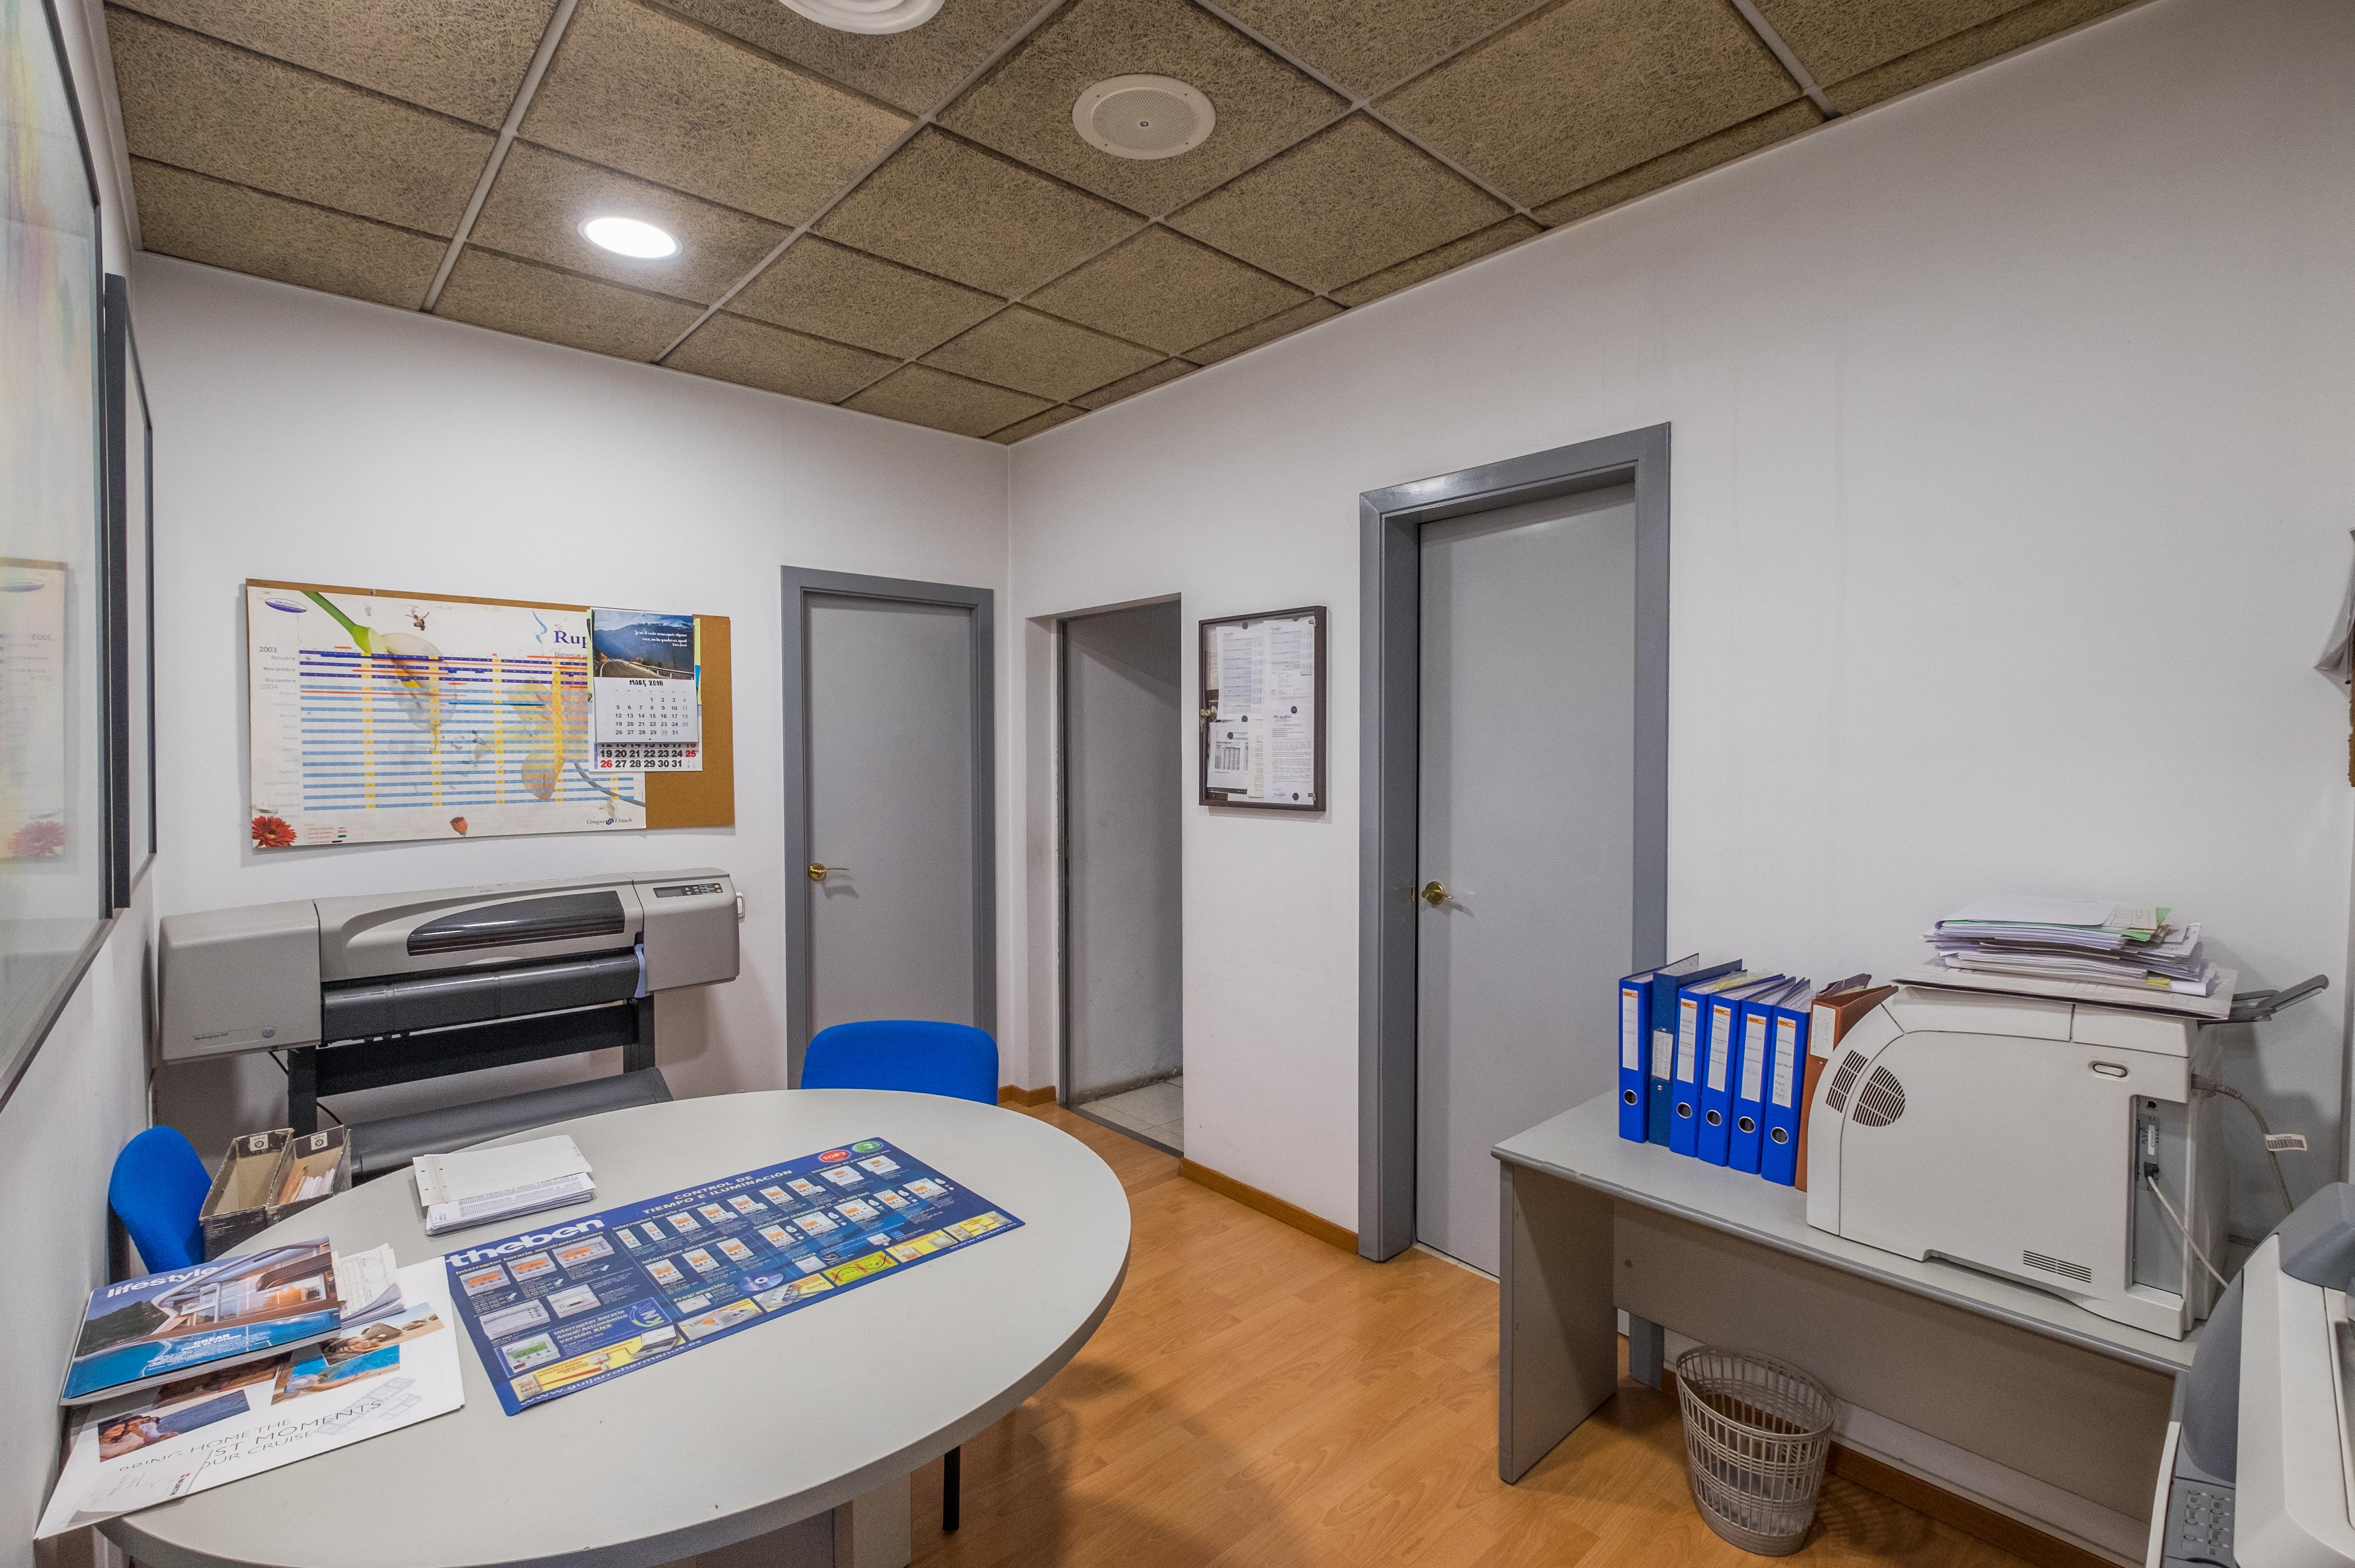 Oficina Técnica INSMUN en Sant Boi de Llobregat